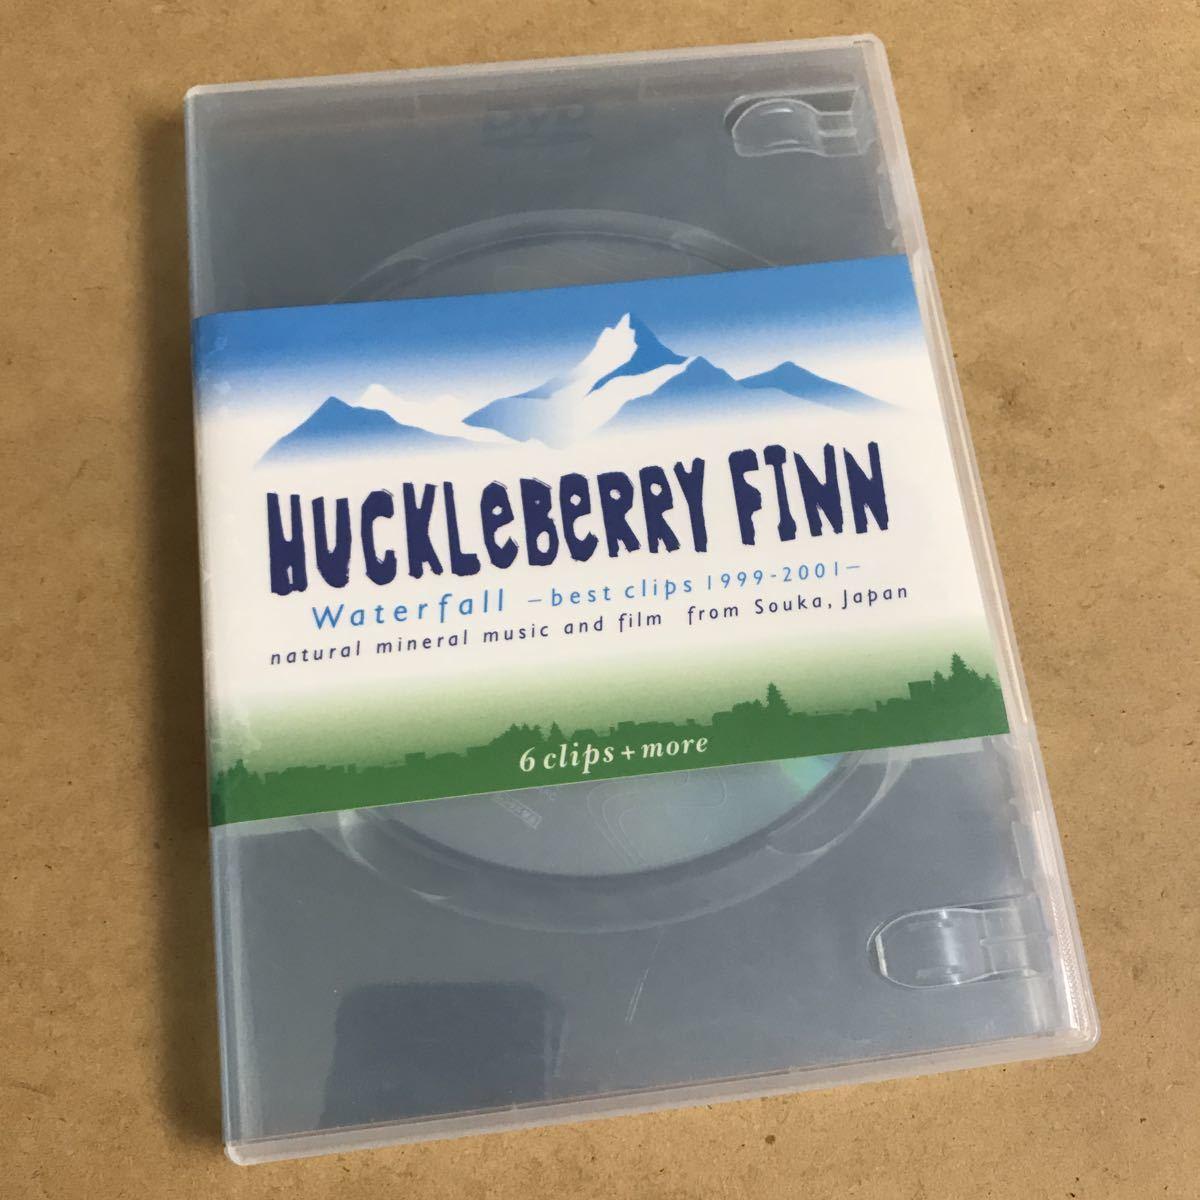 廃盤DVD■HUCKLEBERRY FINN / Waterfall -best clips 1999-2001 ハックルベリーフィン■インディーズ・ベスト盤 全MV + more 夏のドライブ_画像1